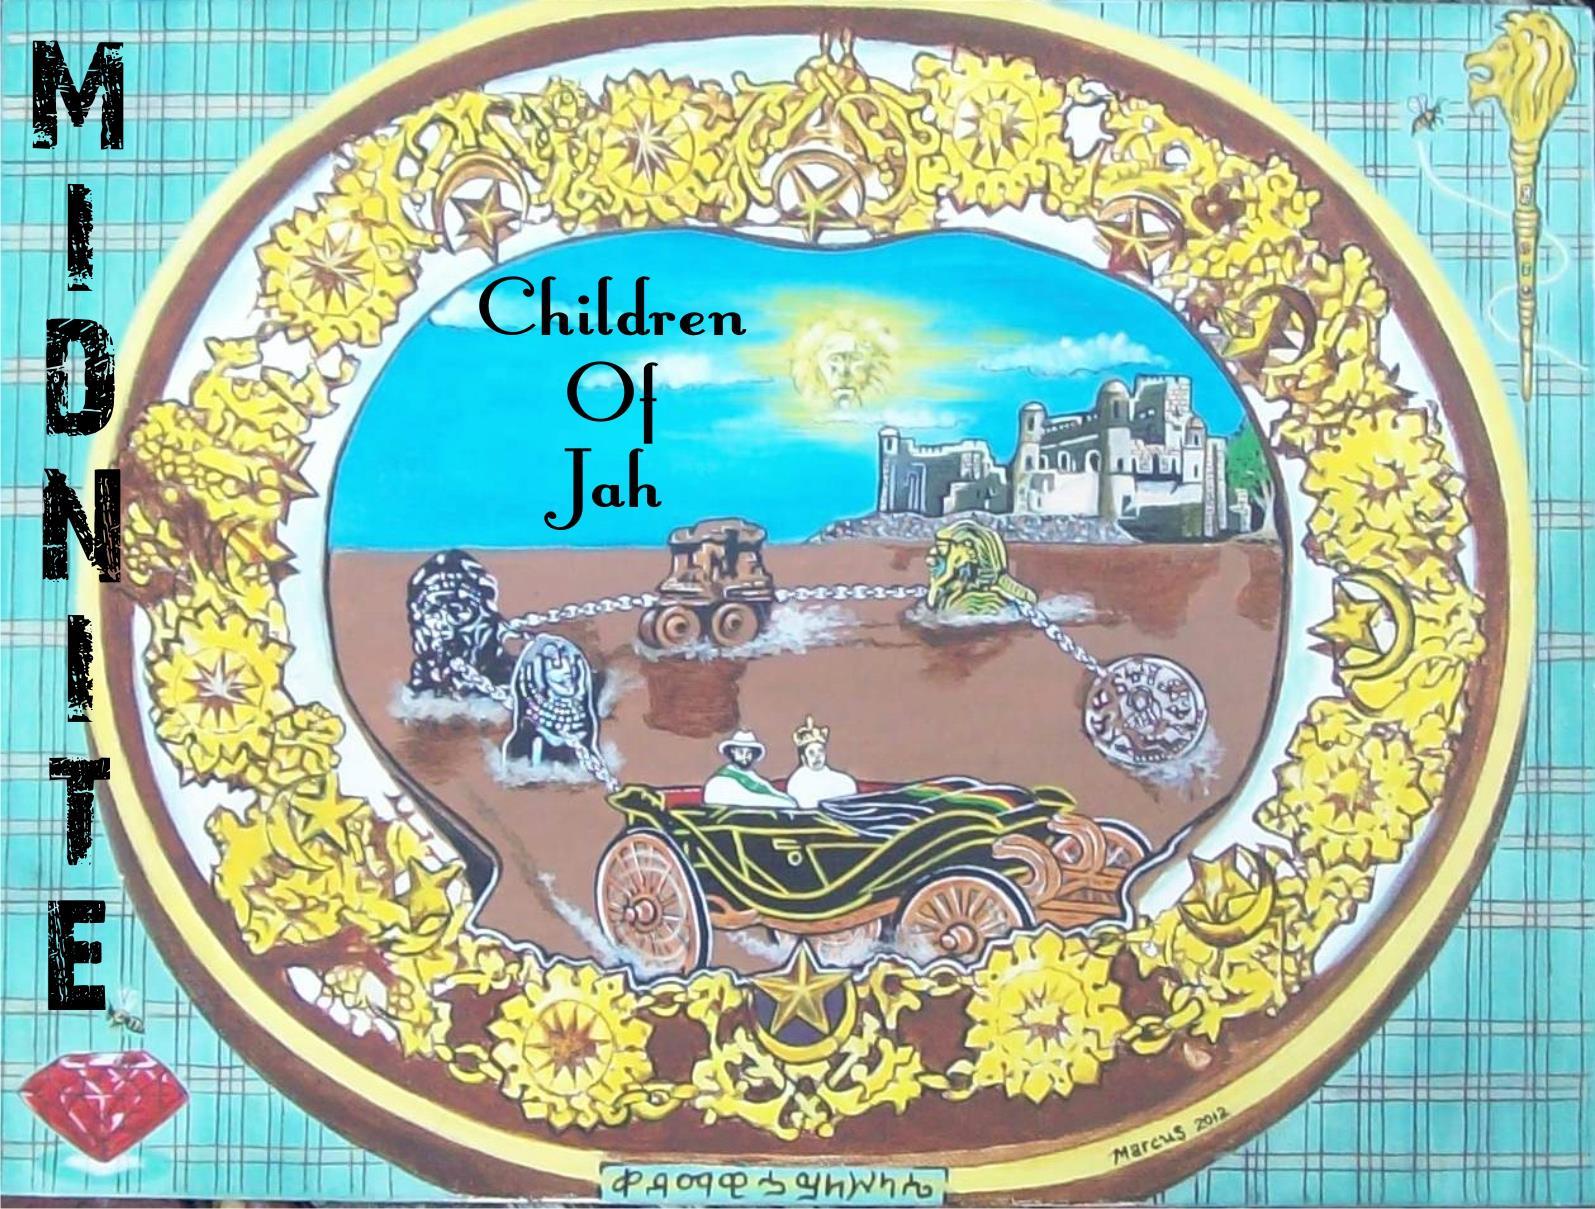 Midnite - Children of Jah (2012)